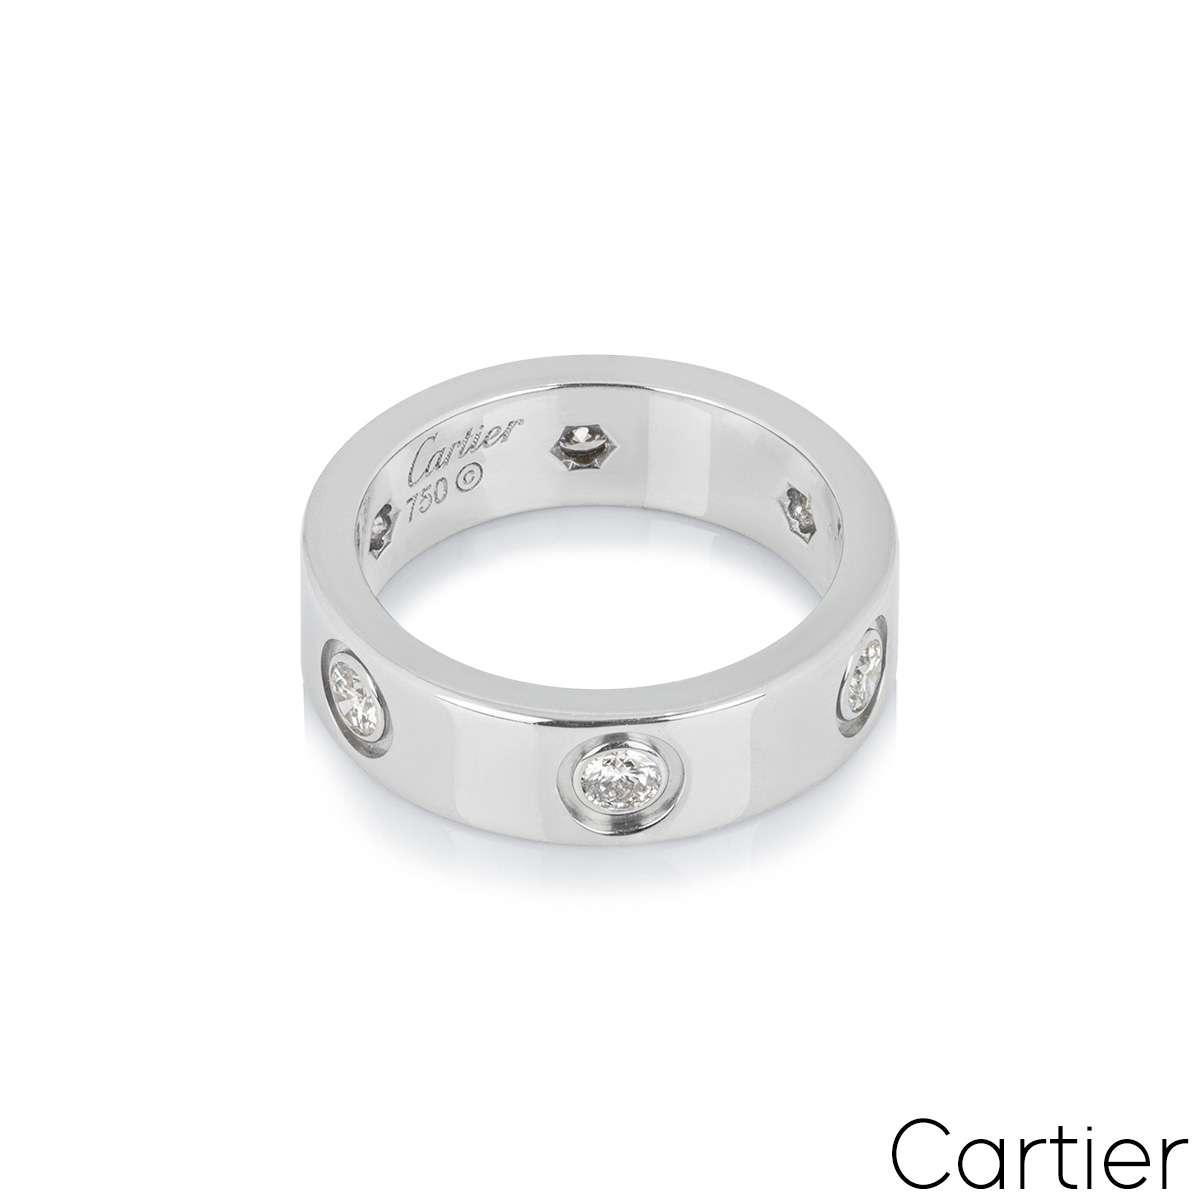 Cartier White Gold Full Diamond Love Ring Size 55 B4026000